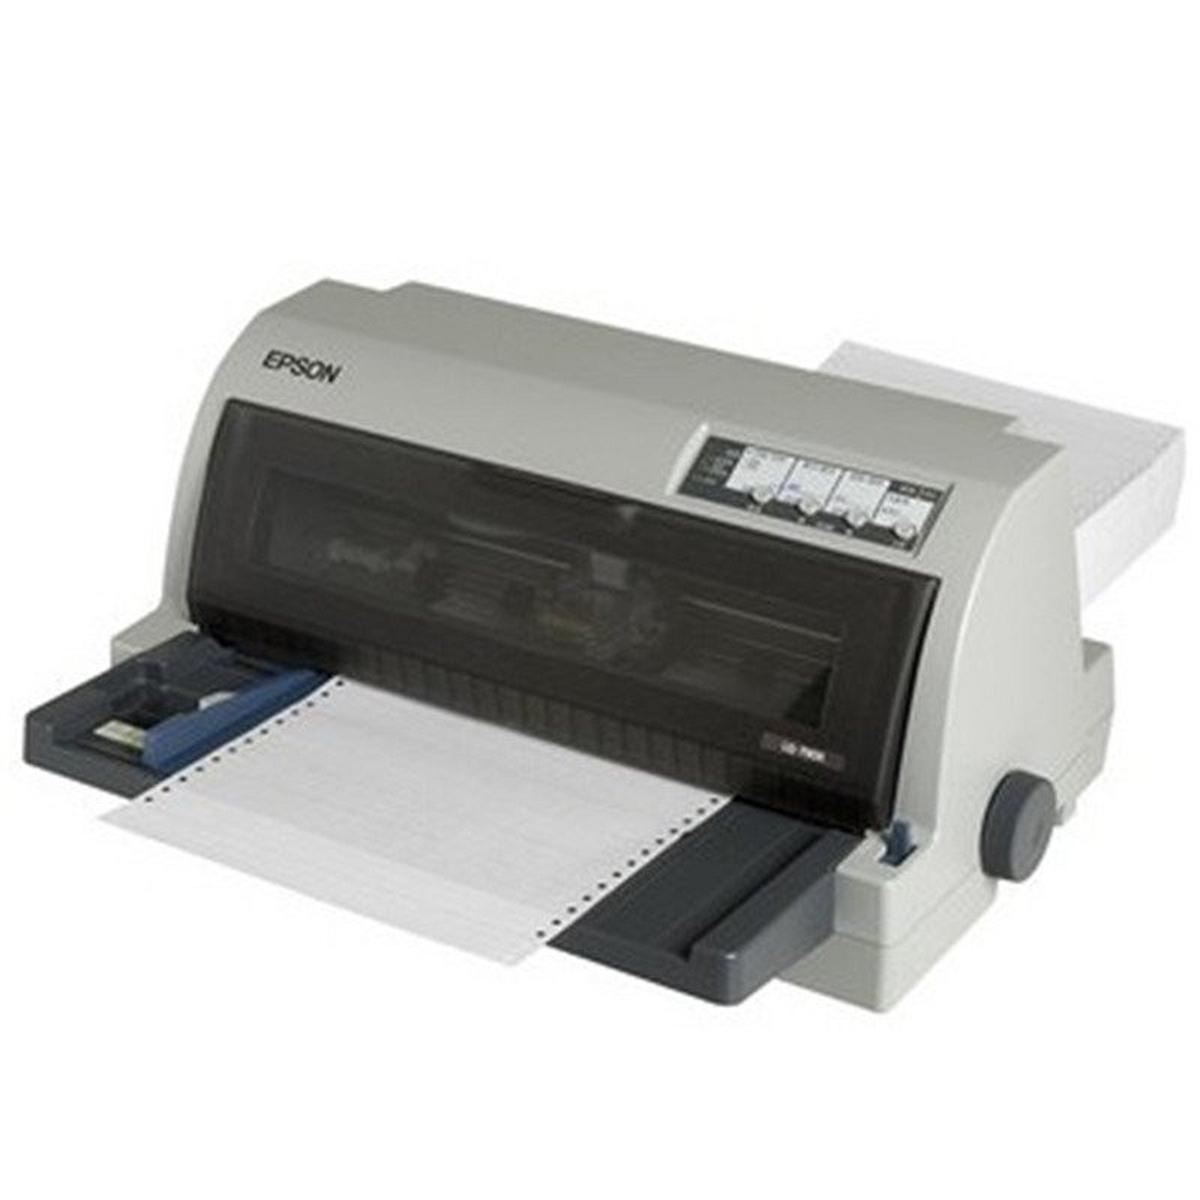 爱普生LQ-790K针式打印机(台)